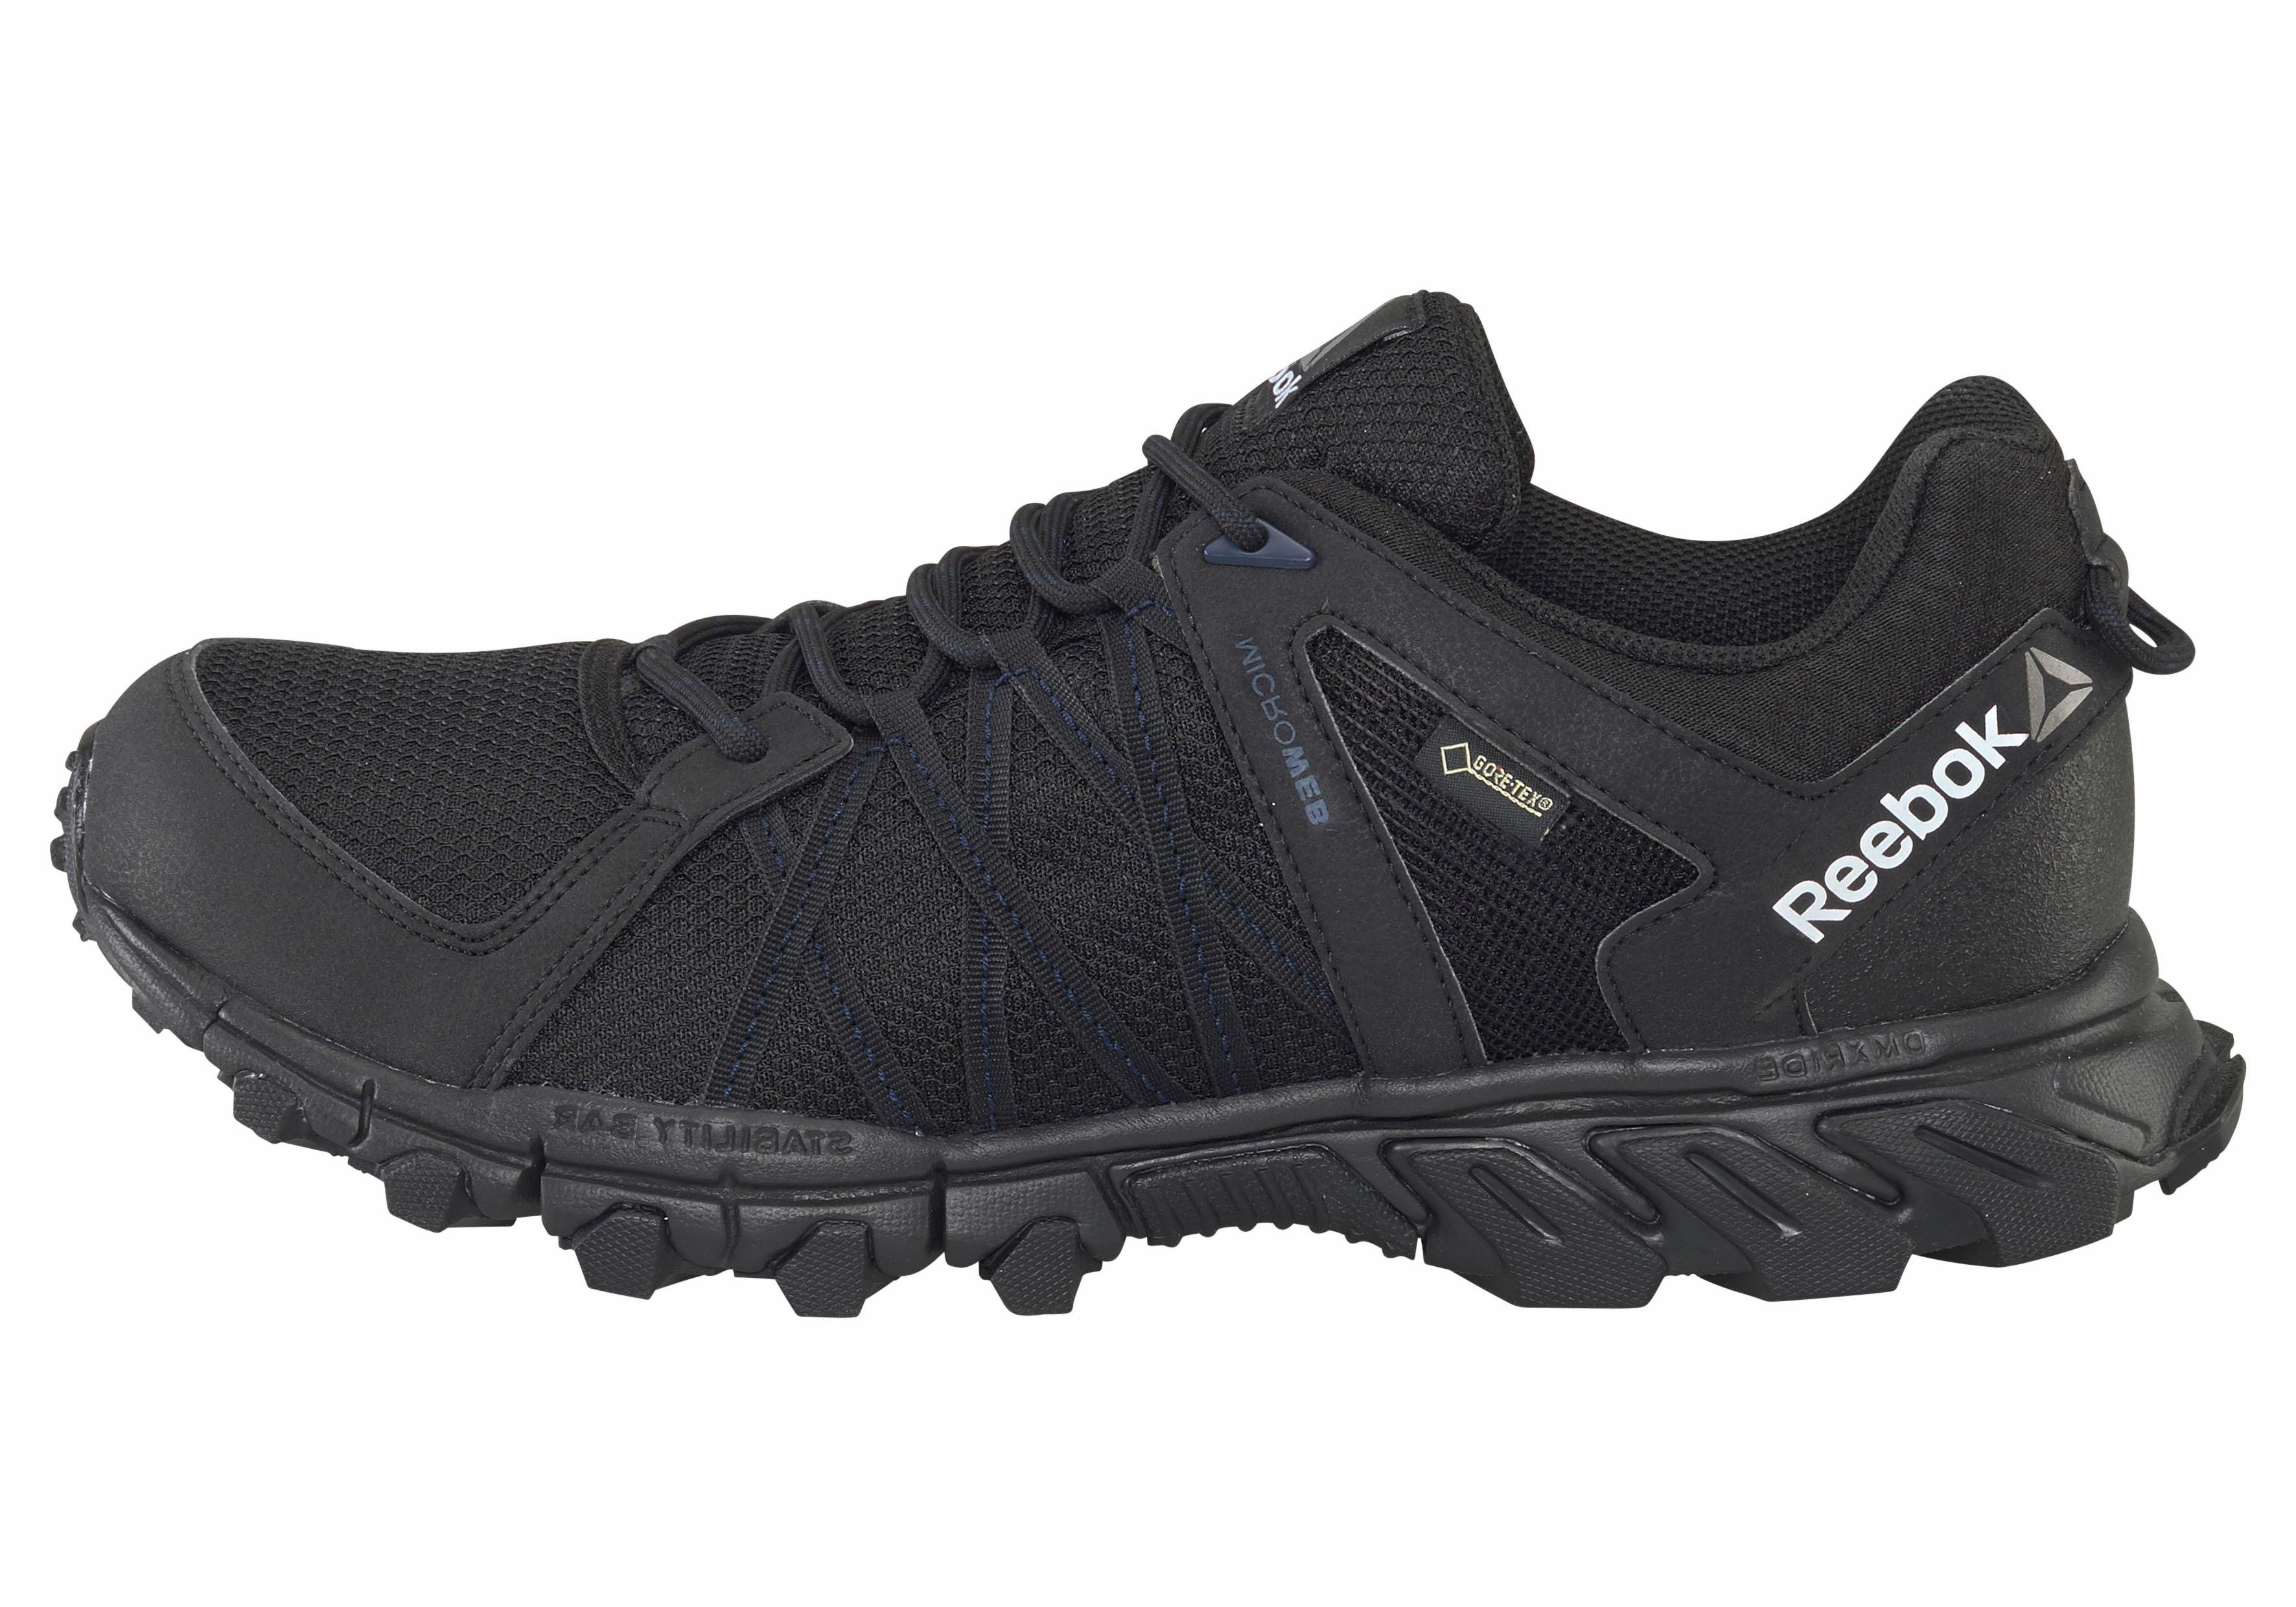 0c8f65eef82 REEBOK wandelschoenen »Trail grip RS 5.0 Goretex« koop je bij   OTTO